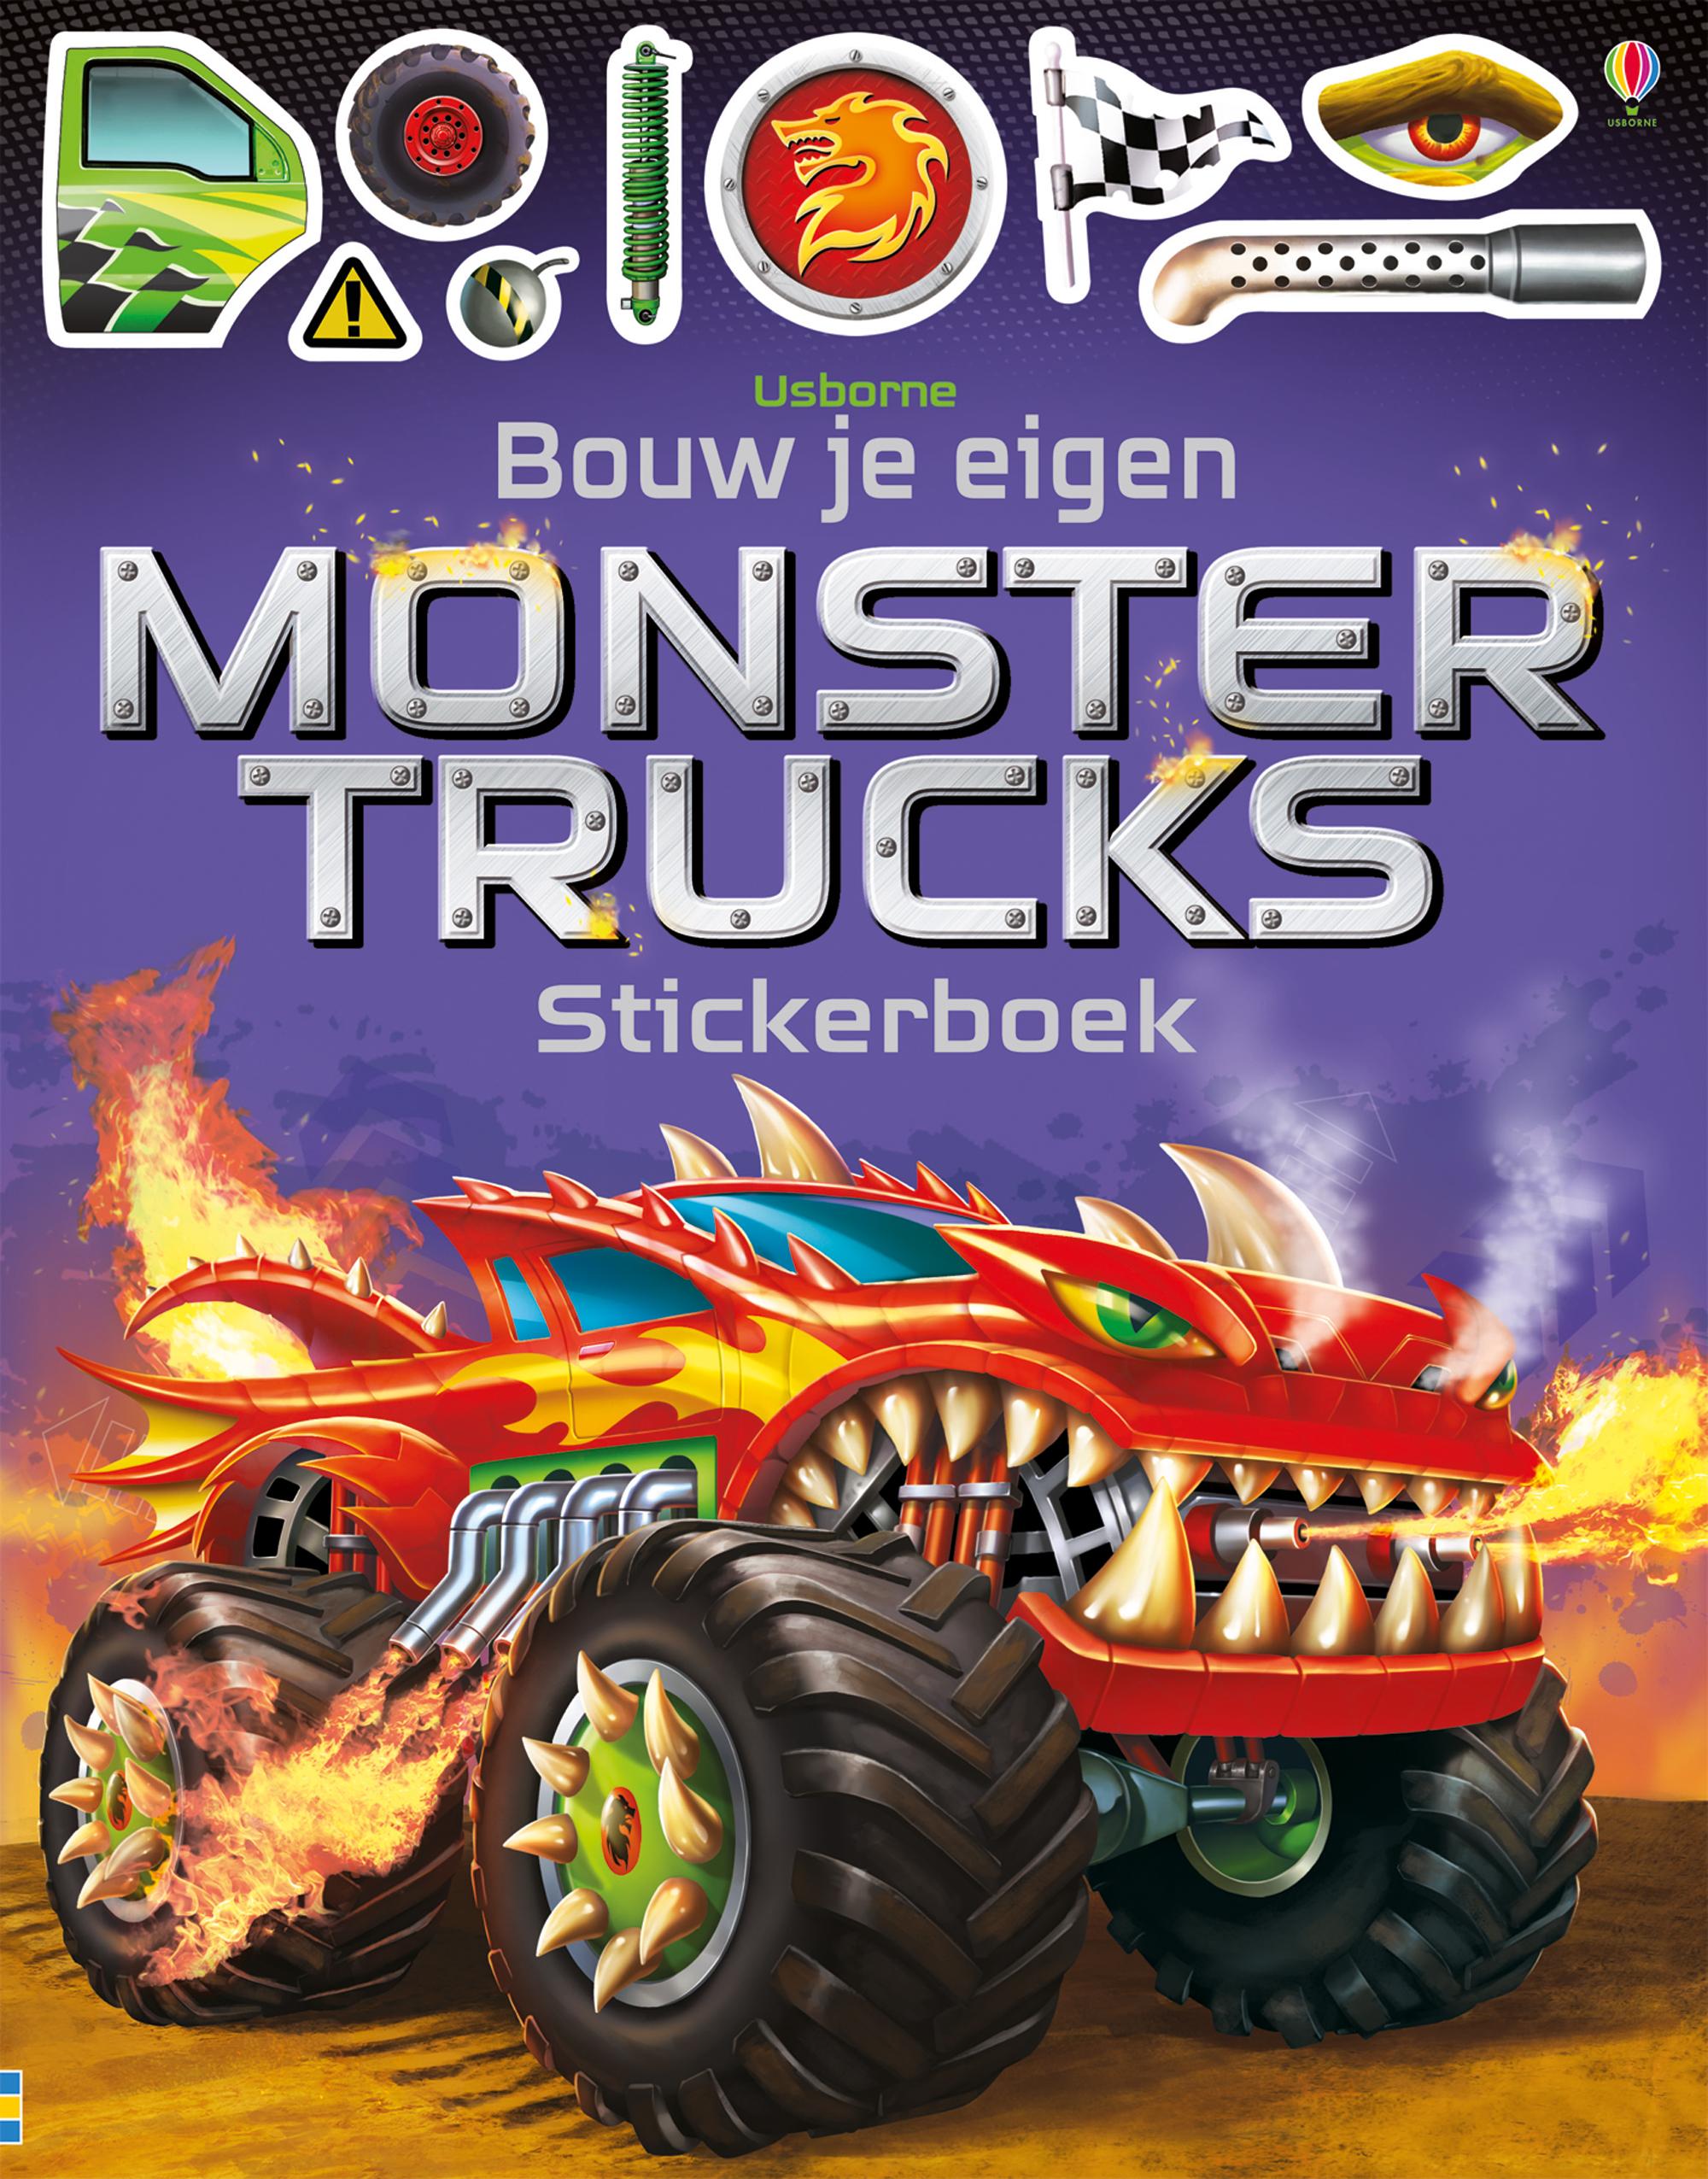 Bouw je eigen monstertrucks – Stickerboek